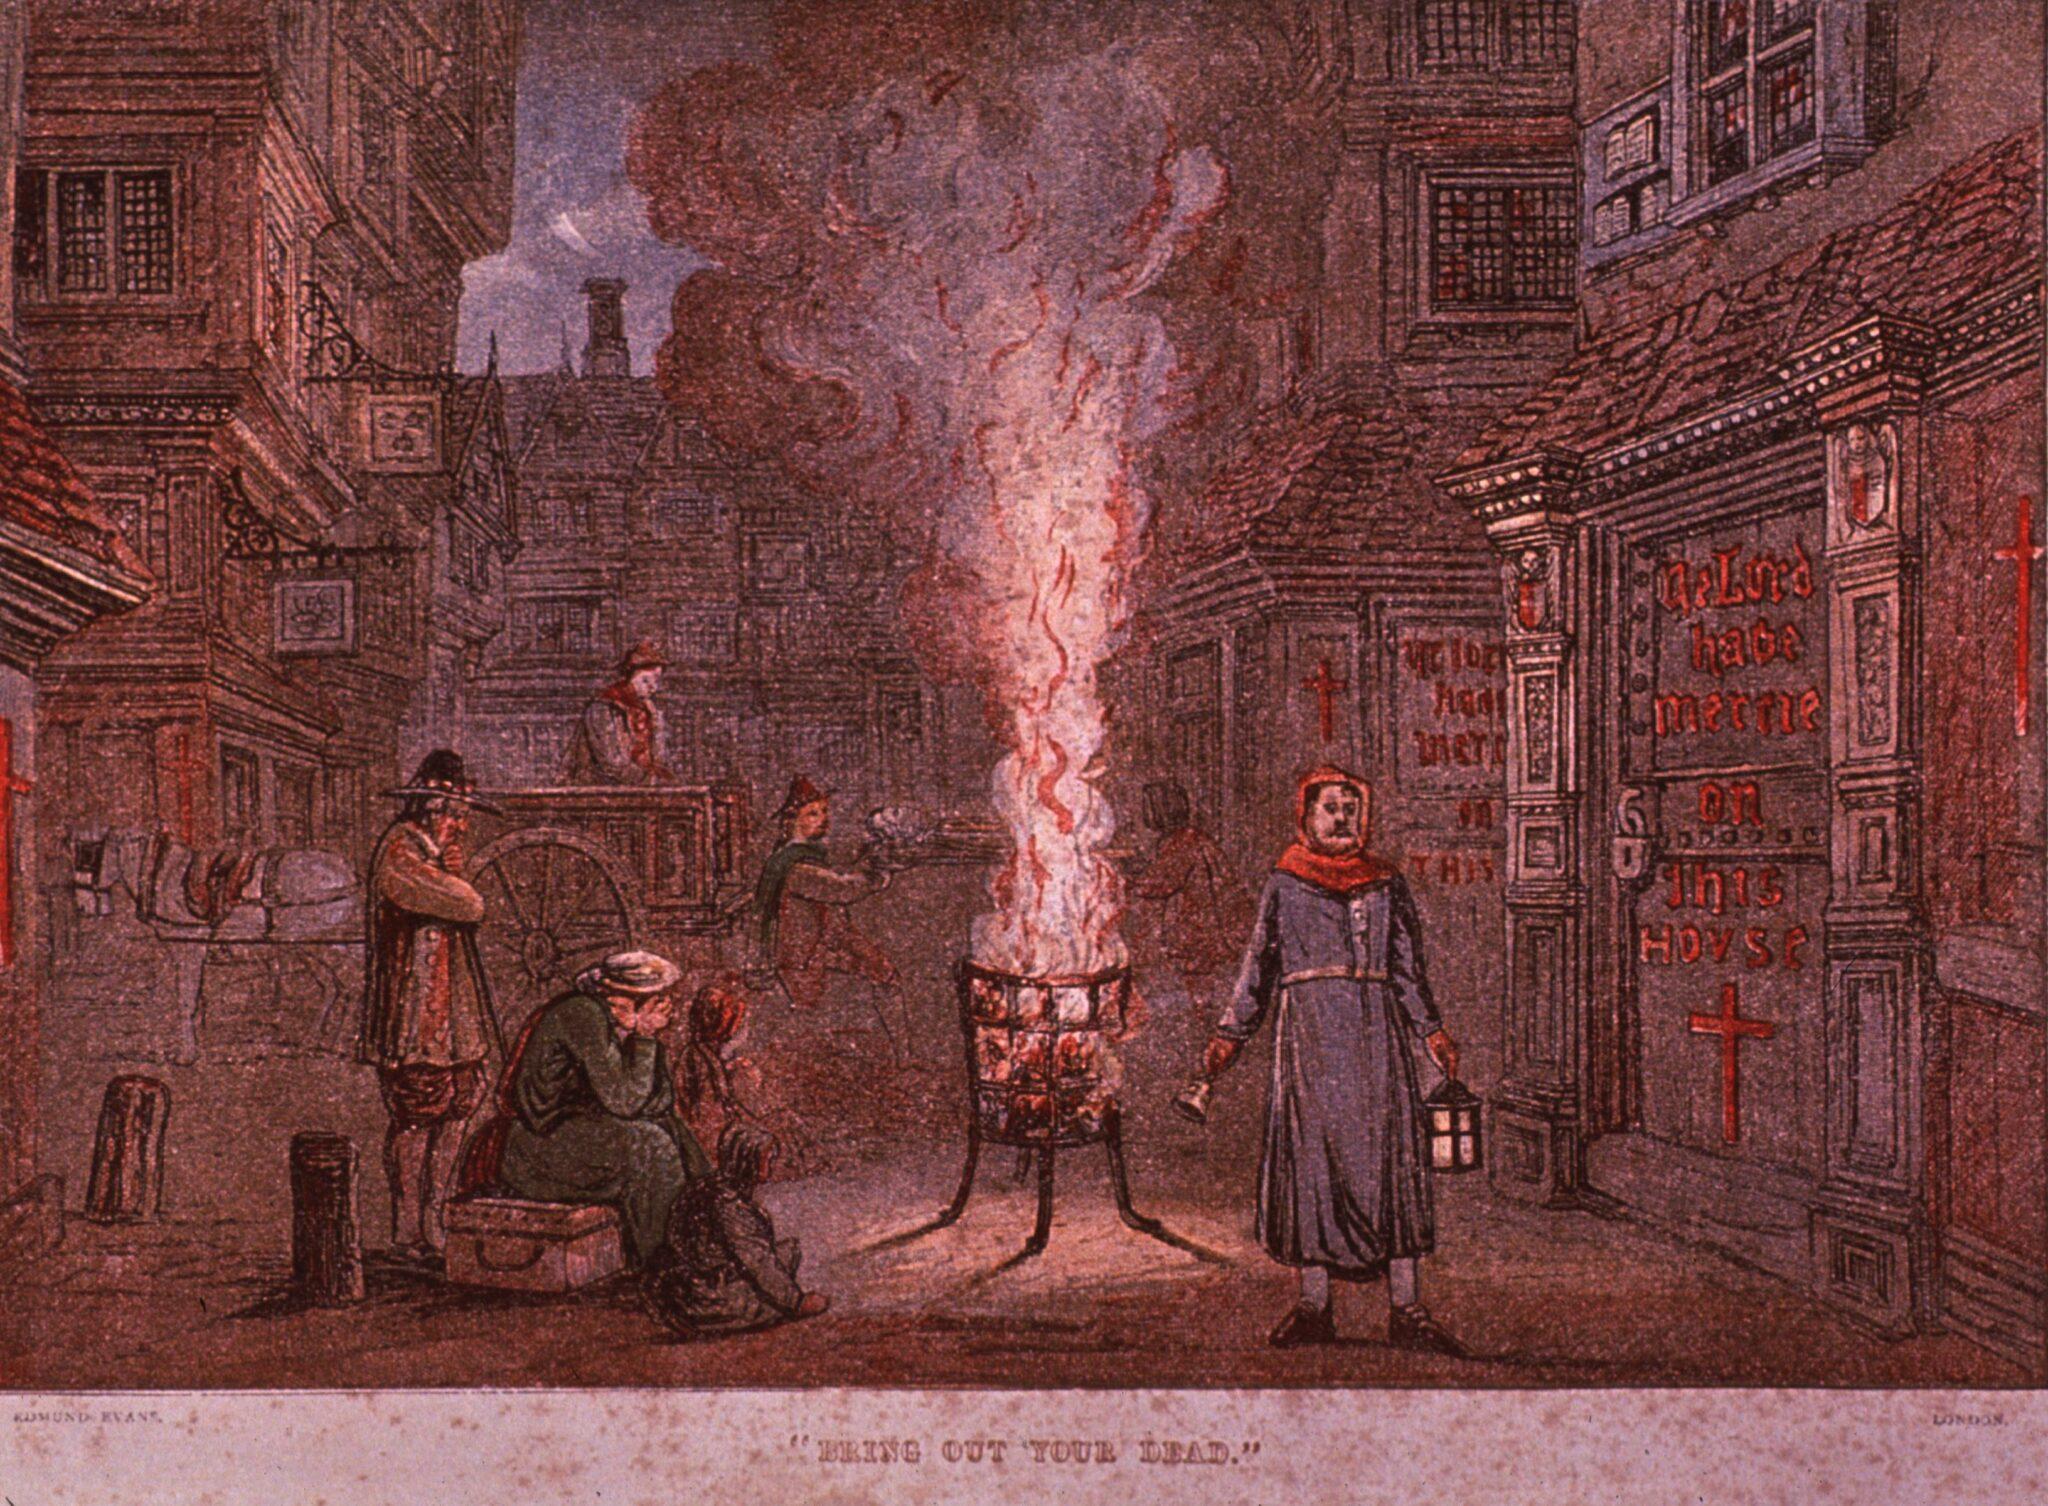 Zeichnung einer mittelalterlichen Strassenszene